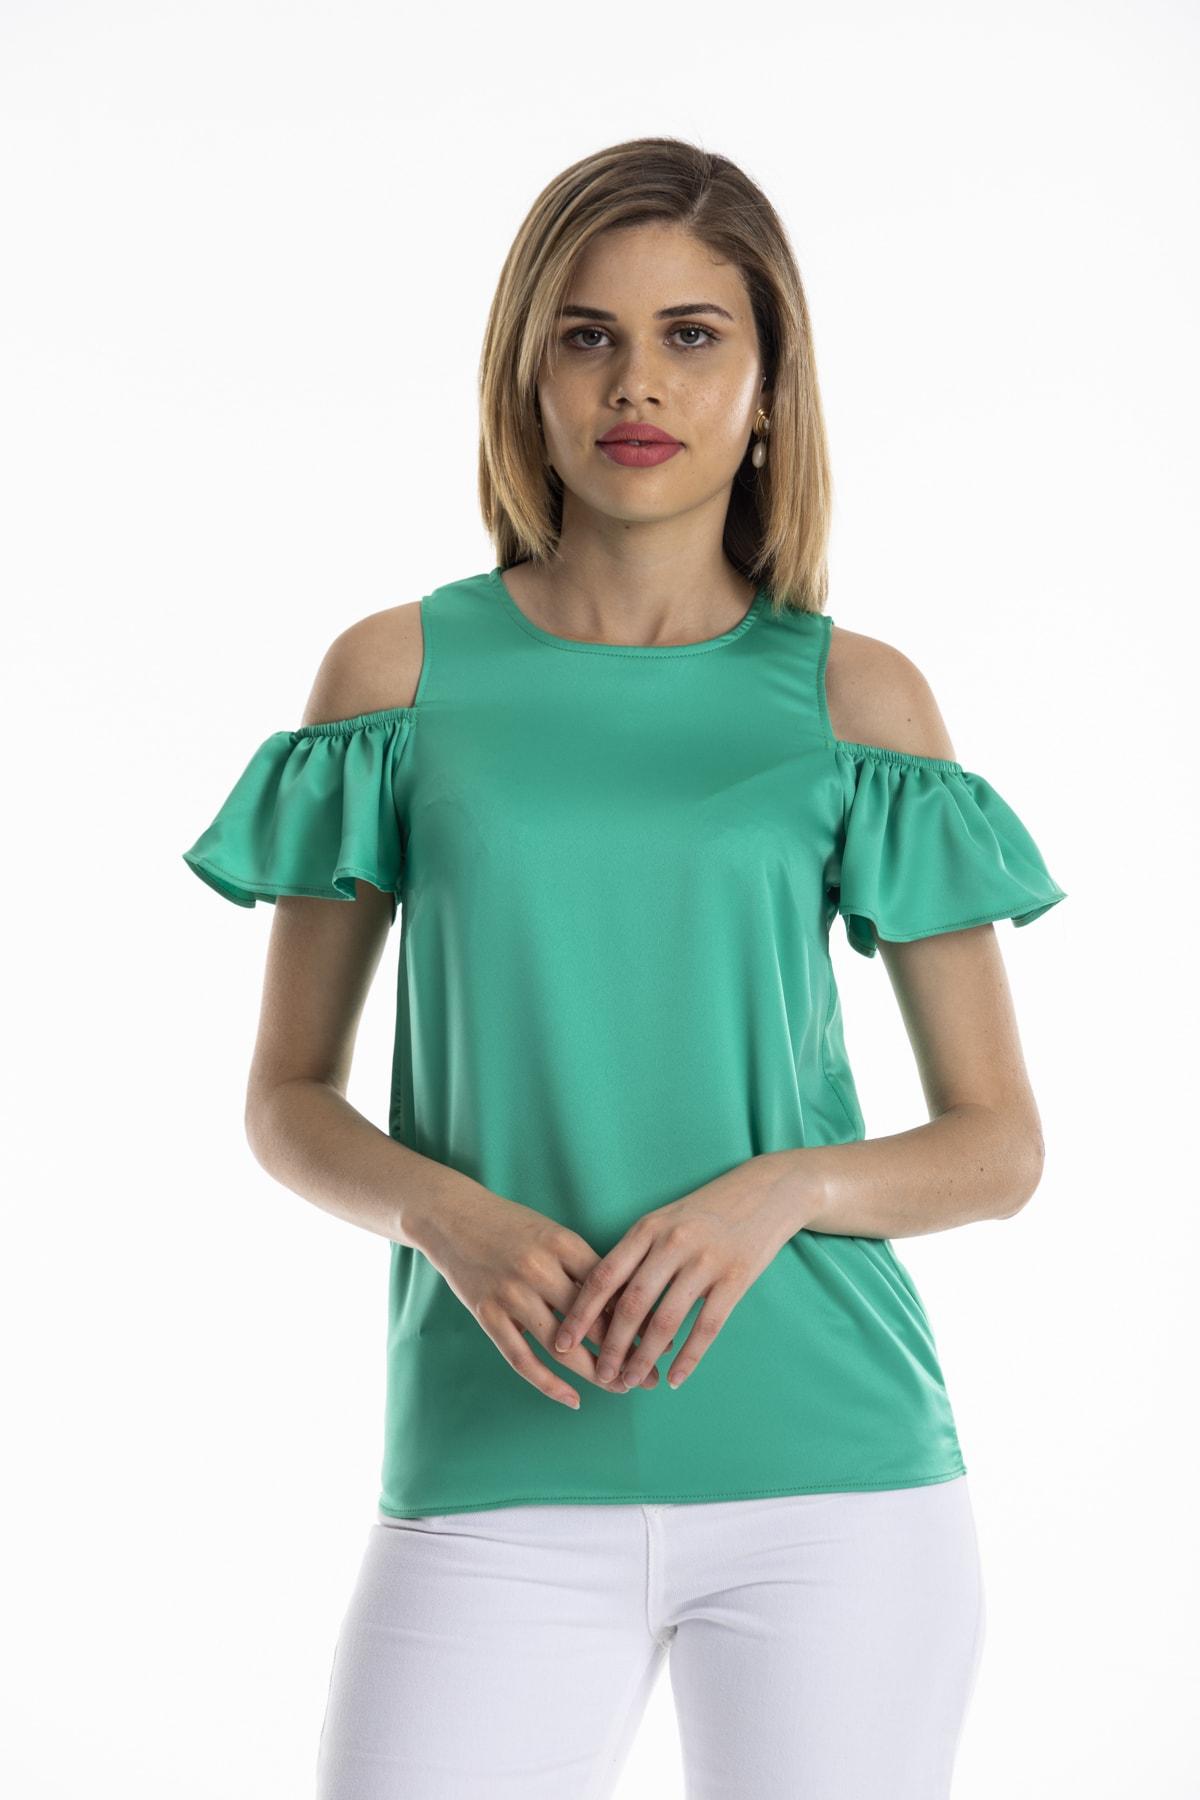 dm street style Kadın Yeşil Ipek Saten Omuzu Açık Kolu Lastikli Bluz 1